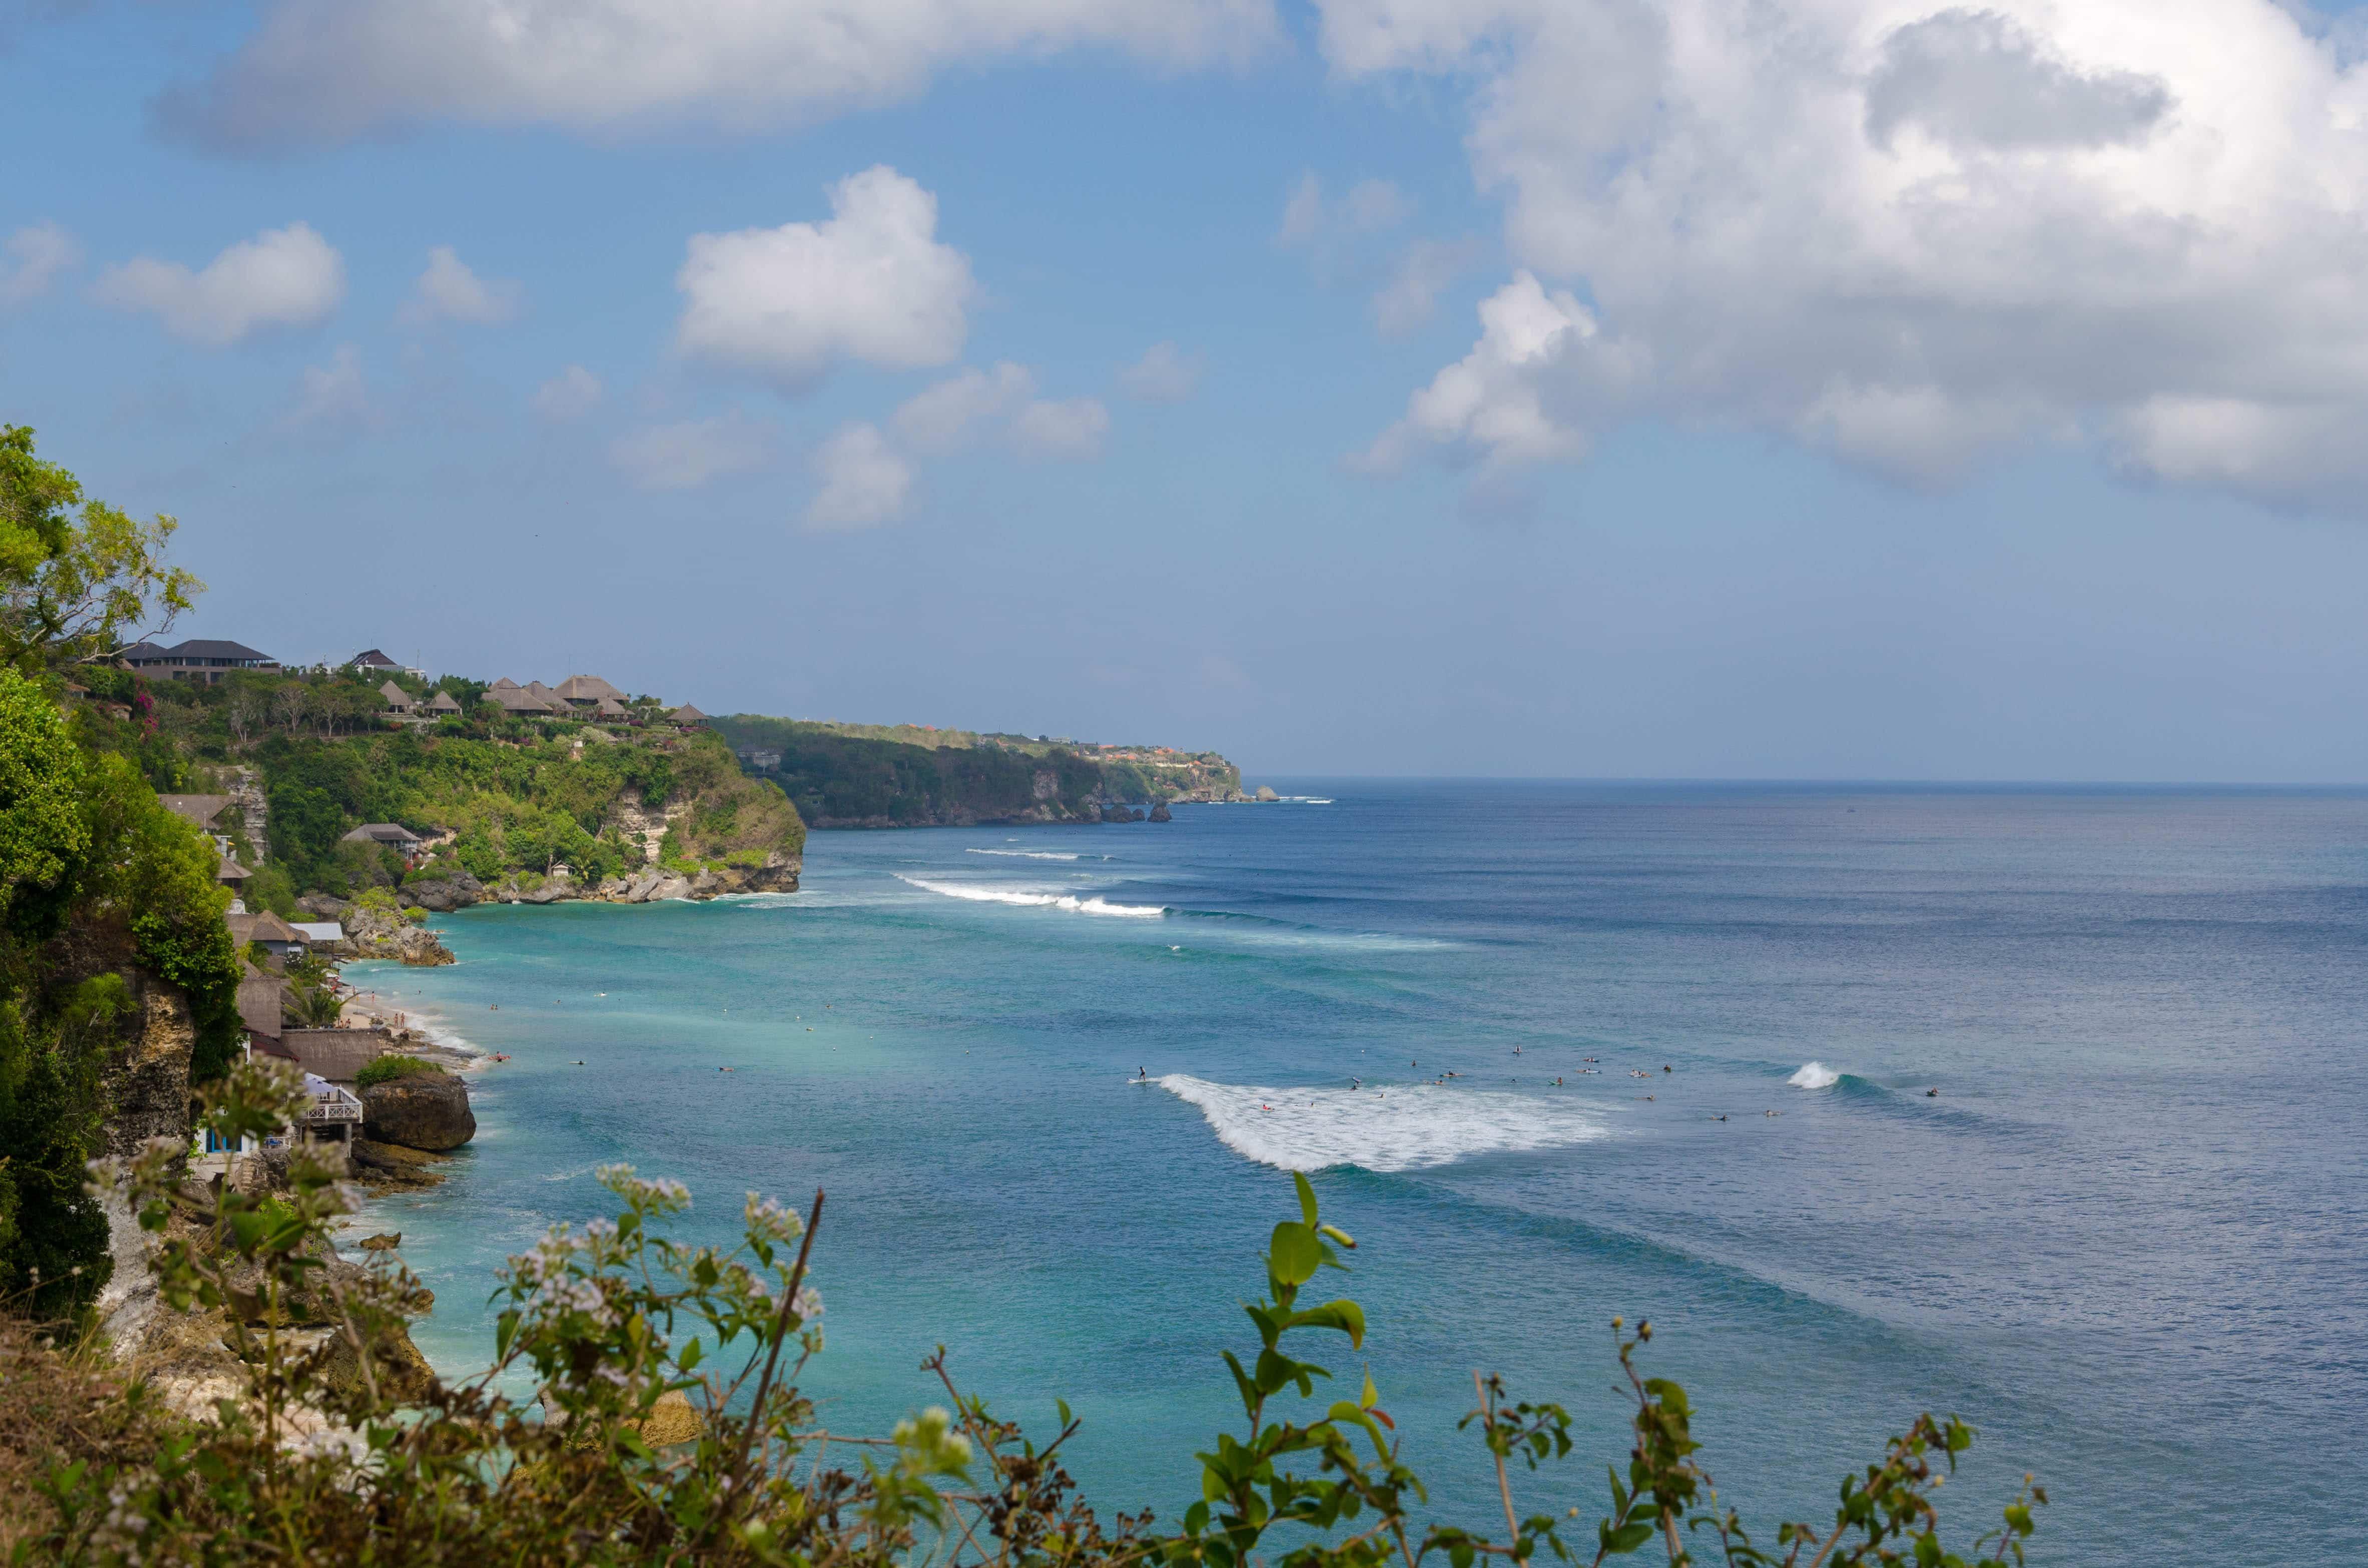 Notre séjour à Bali : de Uluwatu à Canggu